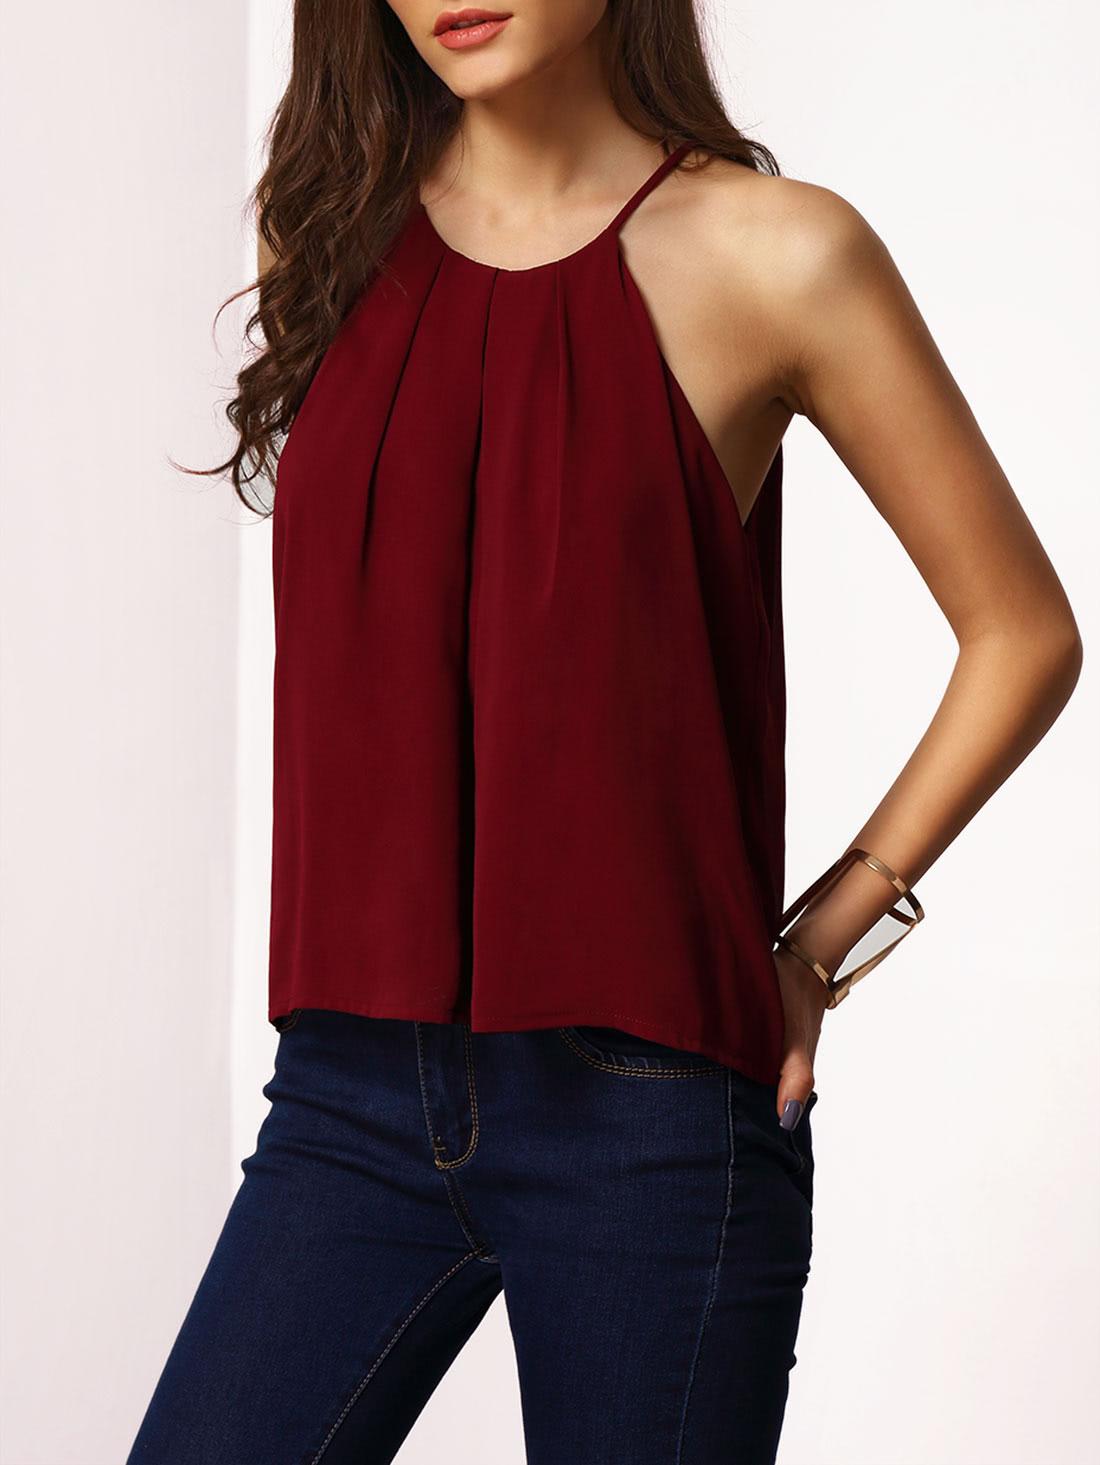 Lace-up Cami Top vest151215001